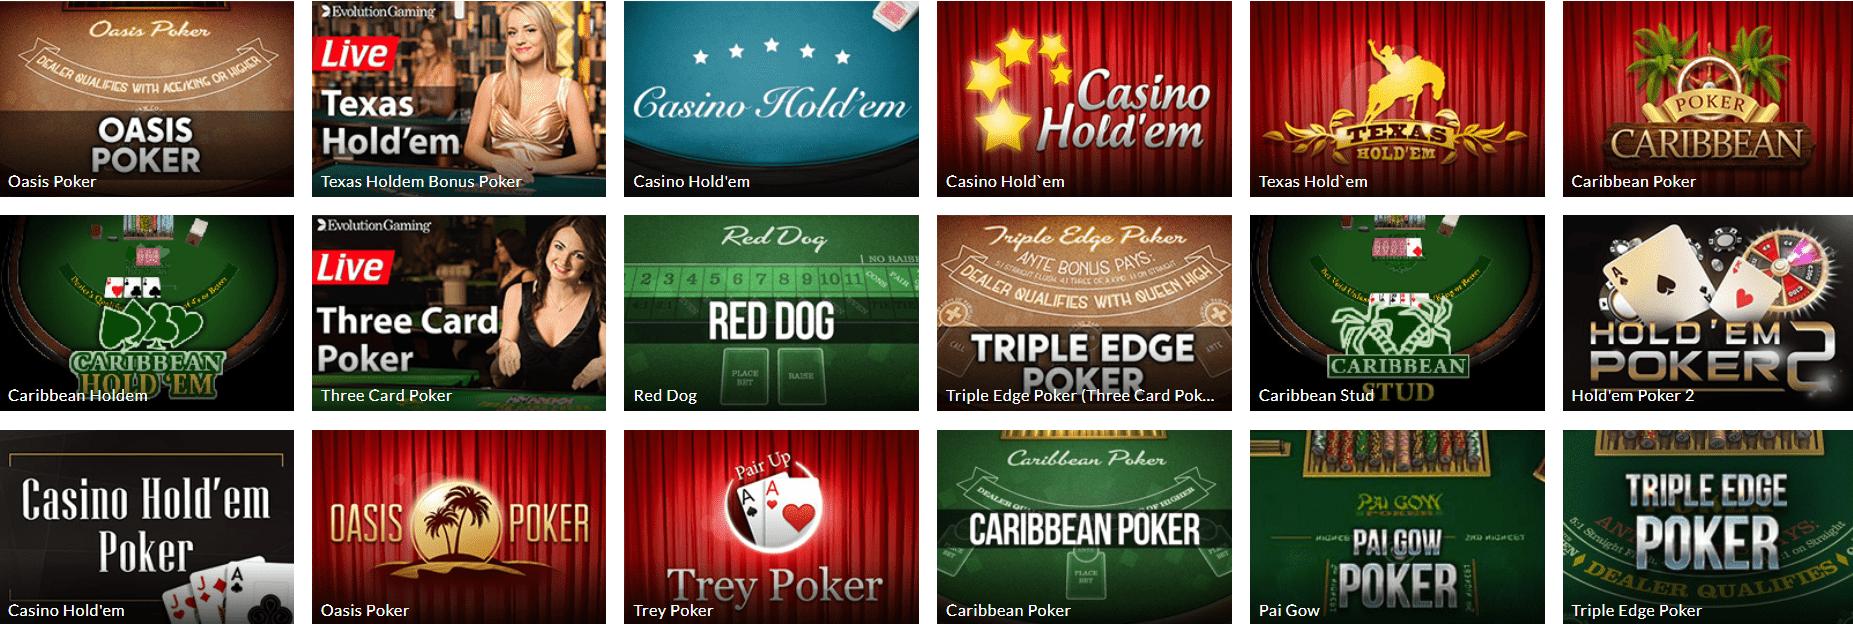 Poker Power Casino